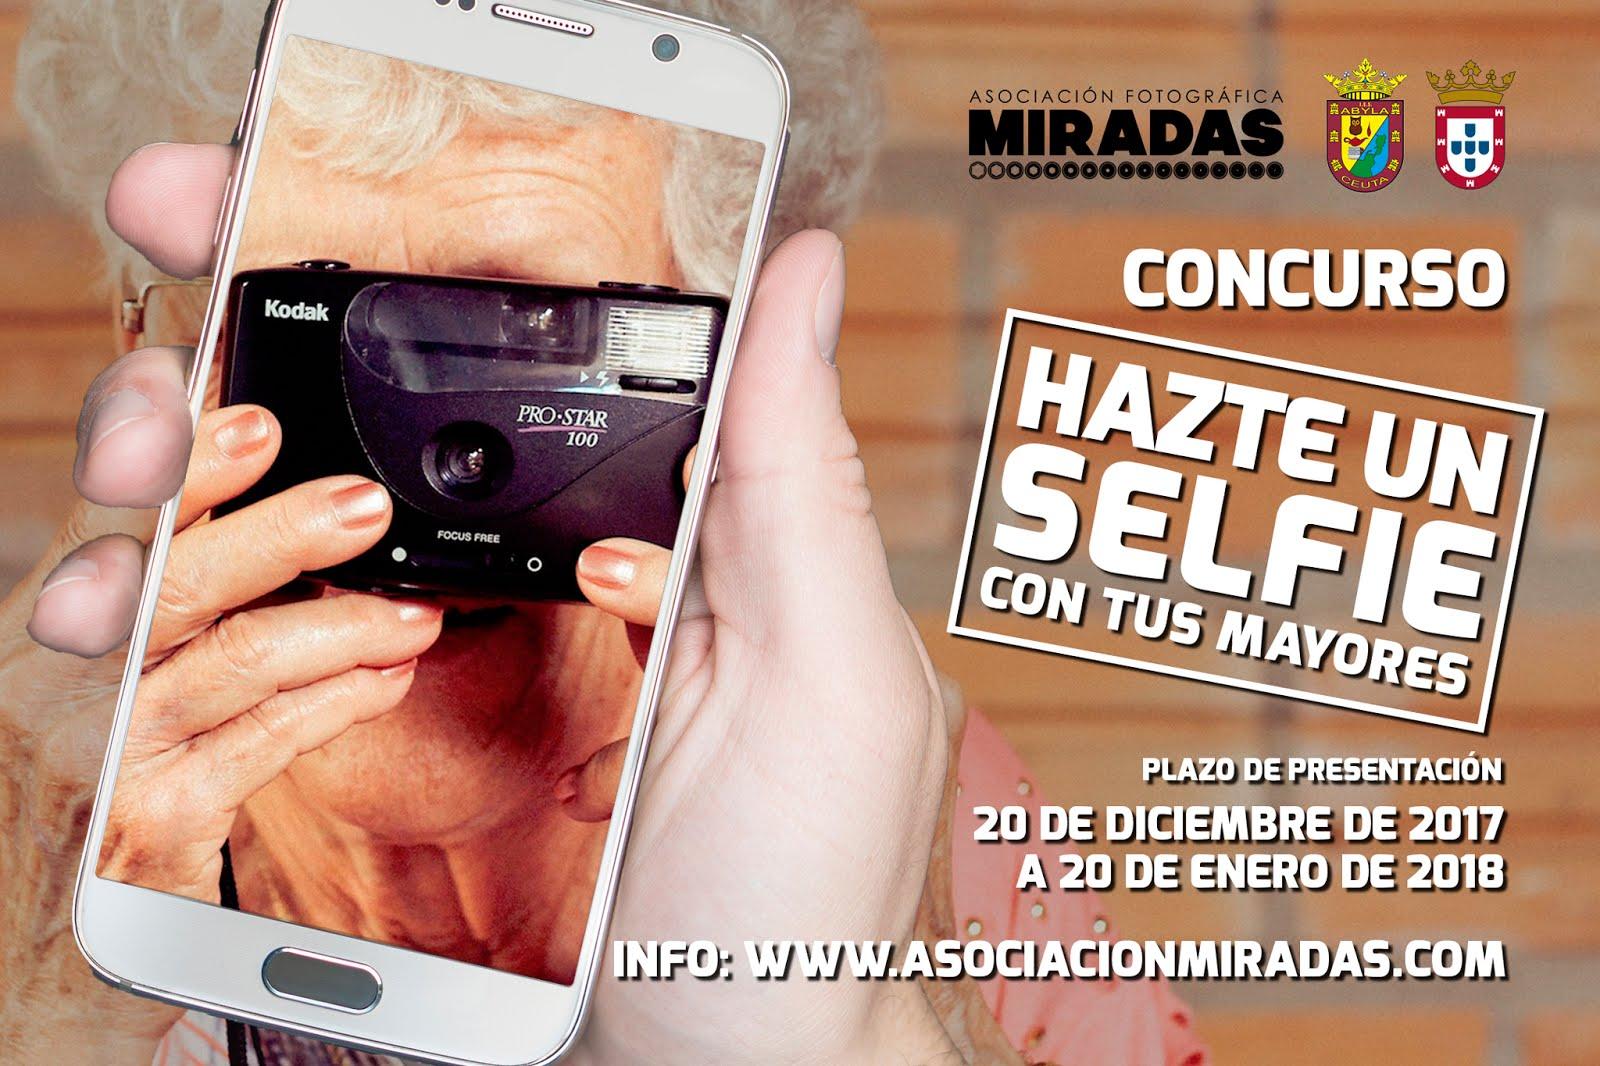 Concurso 'Hazte un selfie con tus mayores'